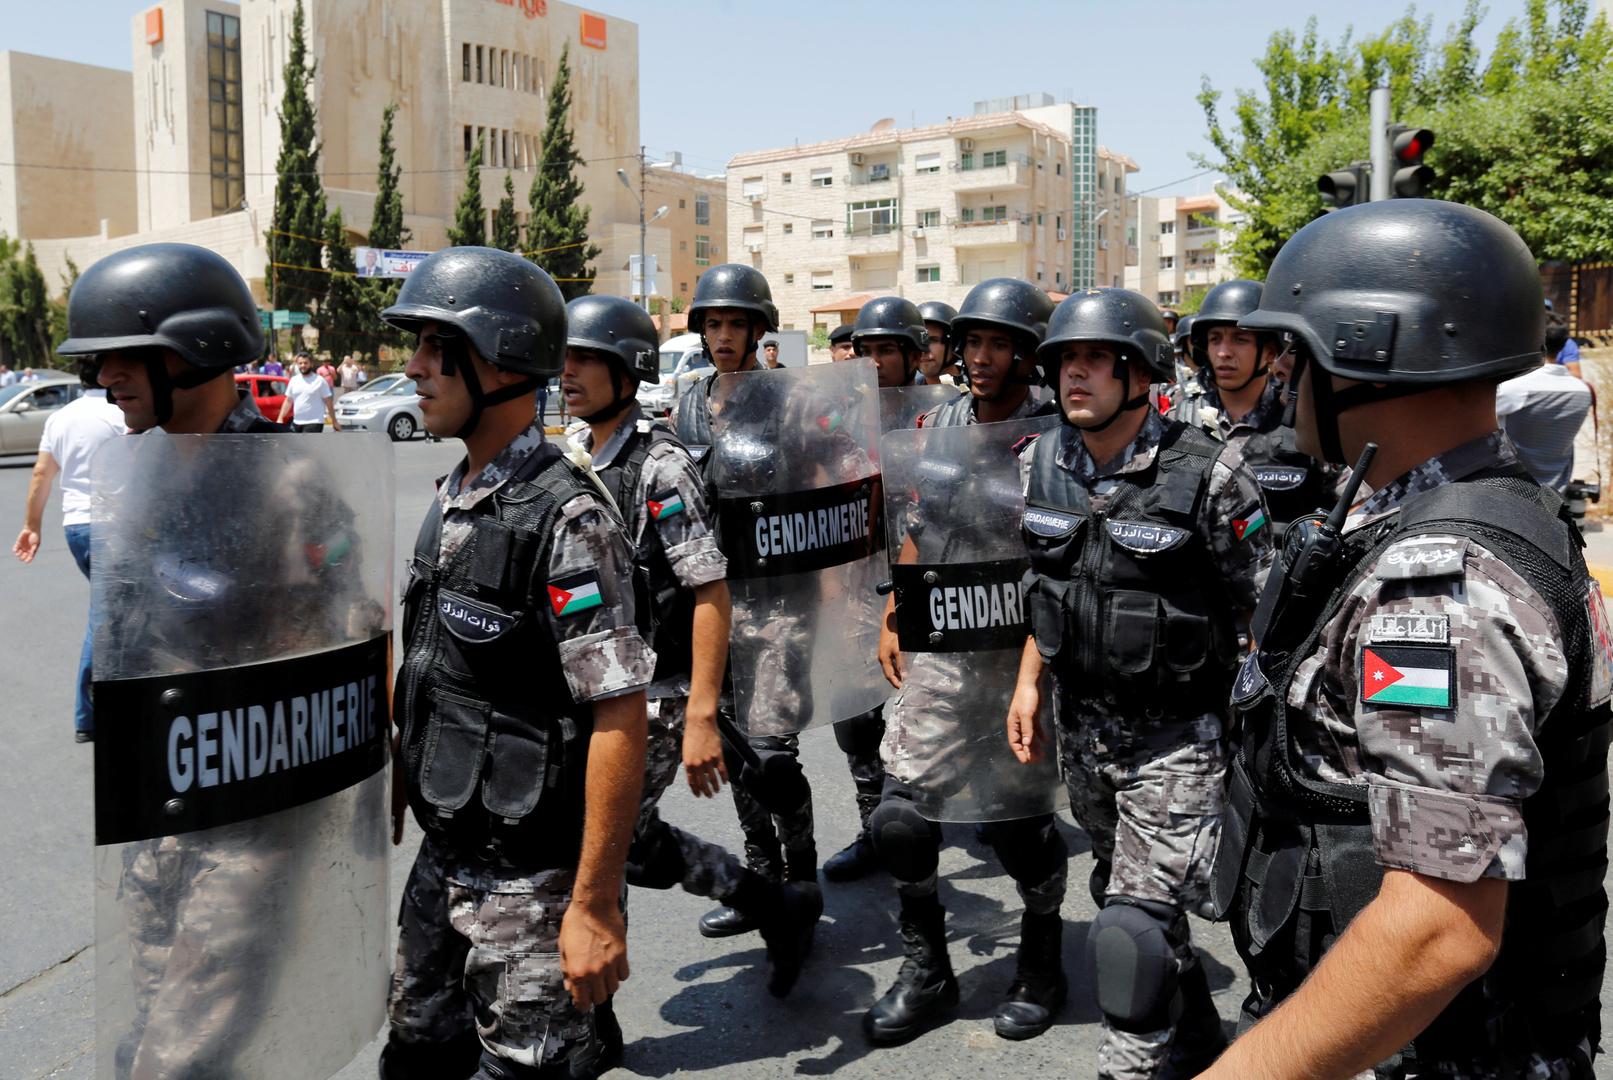 قوات الأمن الأردنية، صورة تعبيرية من الأرشيف